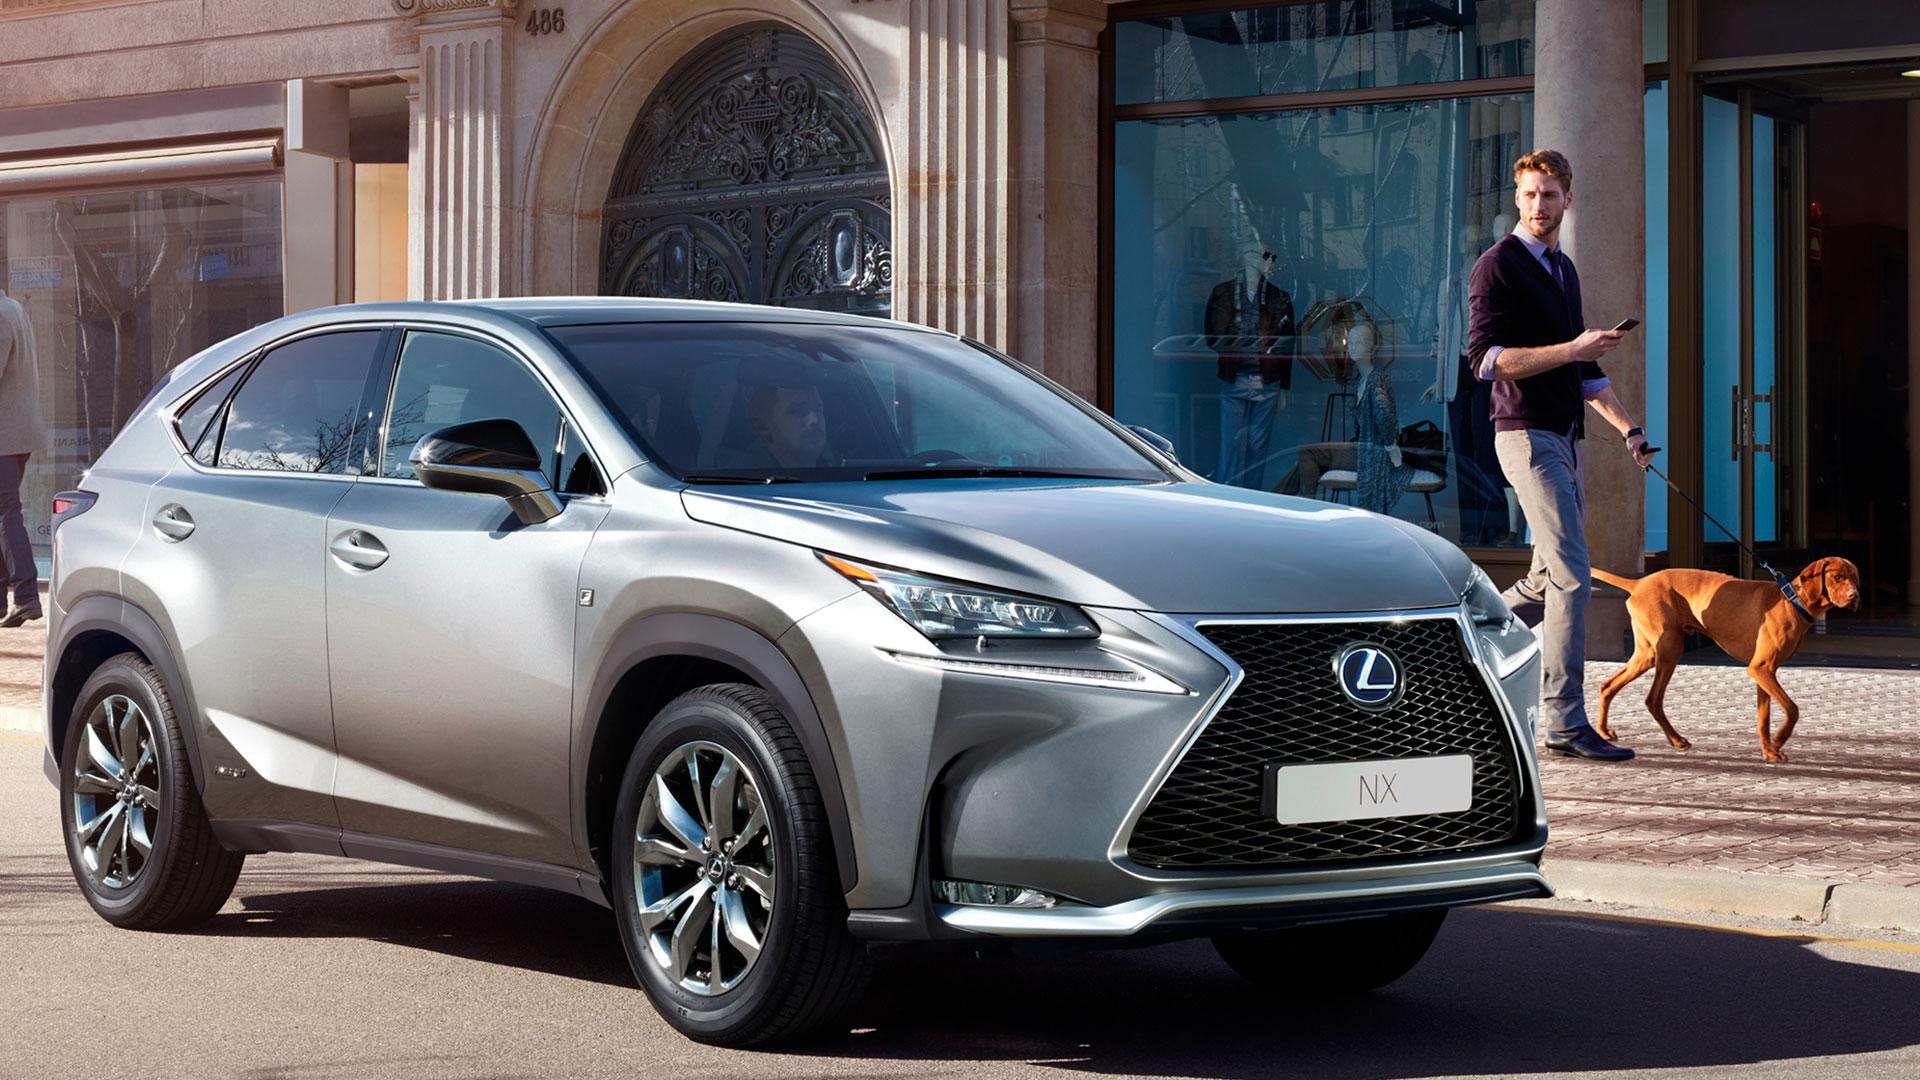 Lexus valorado por su fiabilidad hero asset